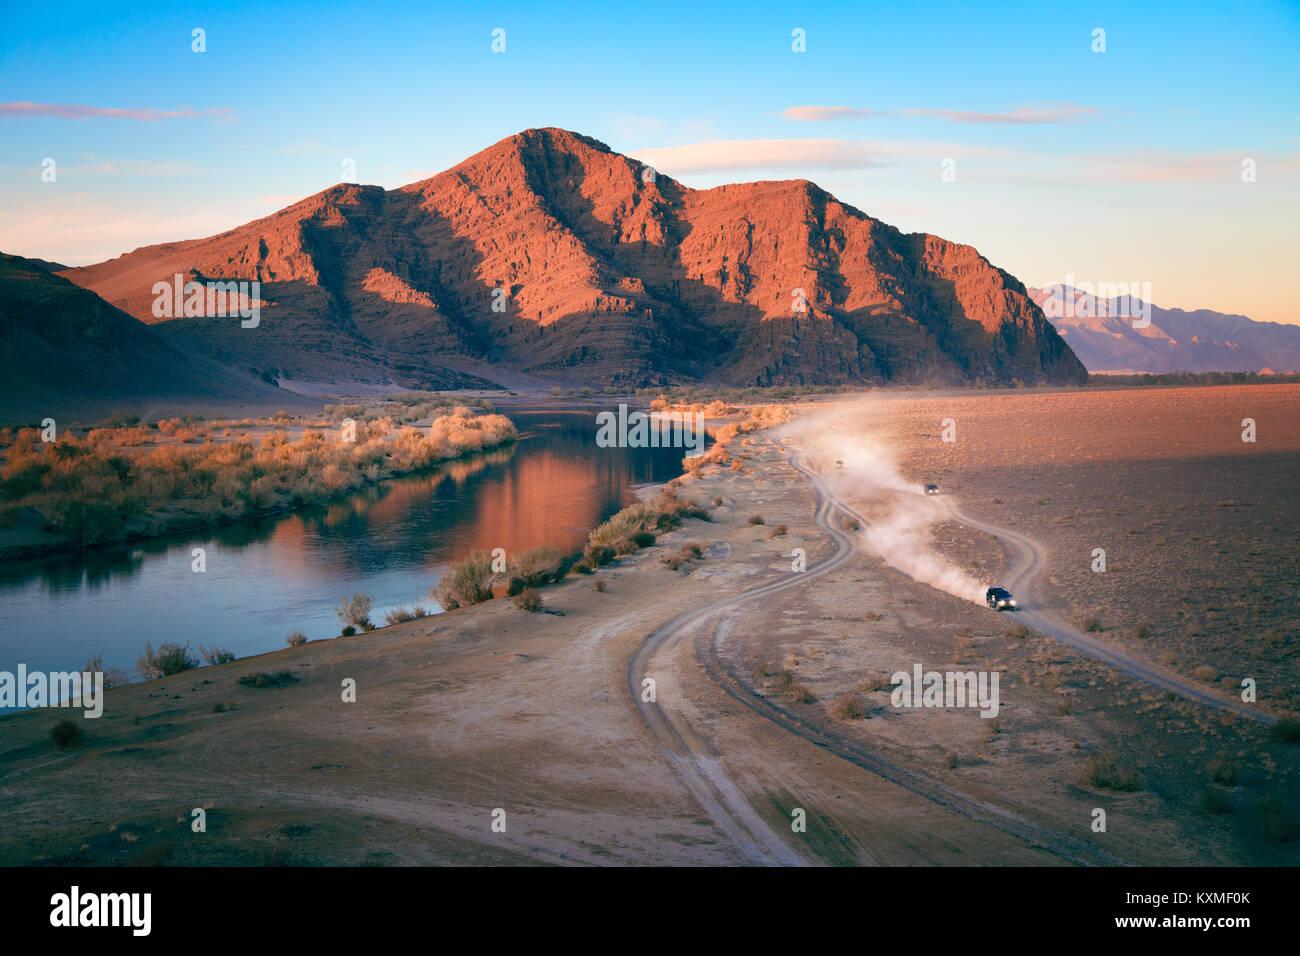 Carreras de coches de calle de tierra nube de polvo atardecer paisaje Mongolia Montaña Roja río reflexión Foto de stock